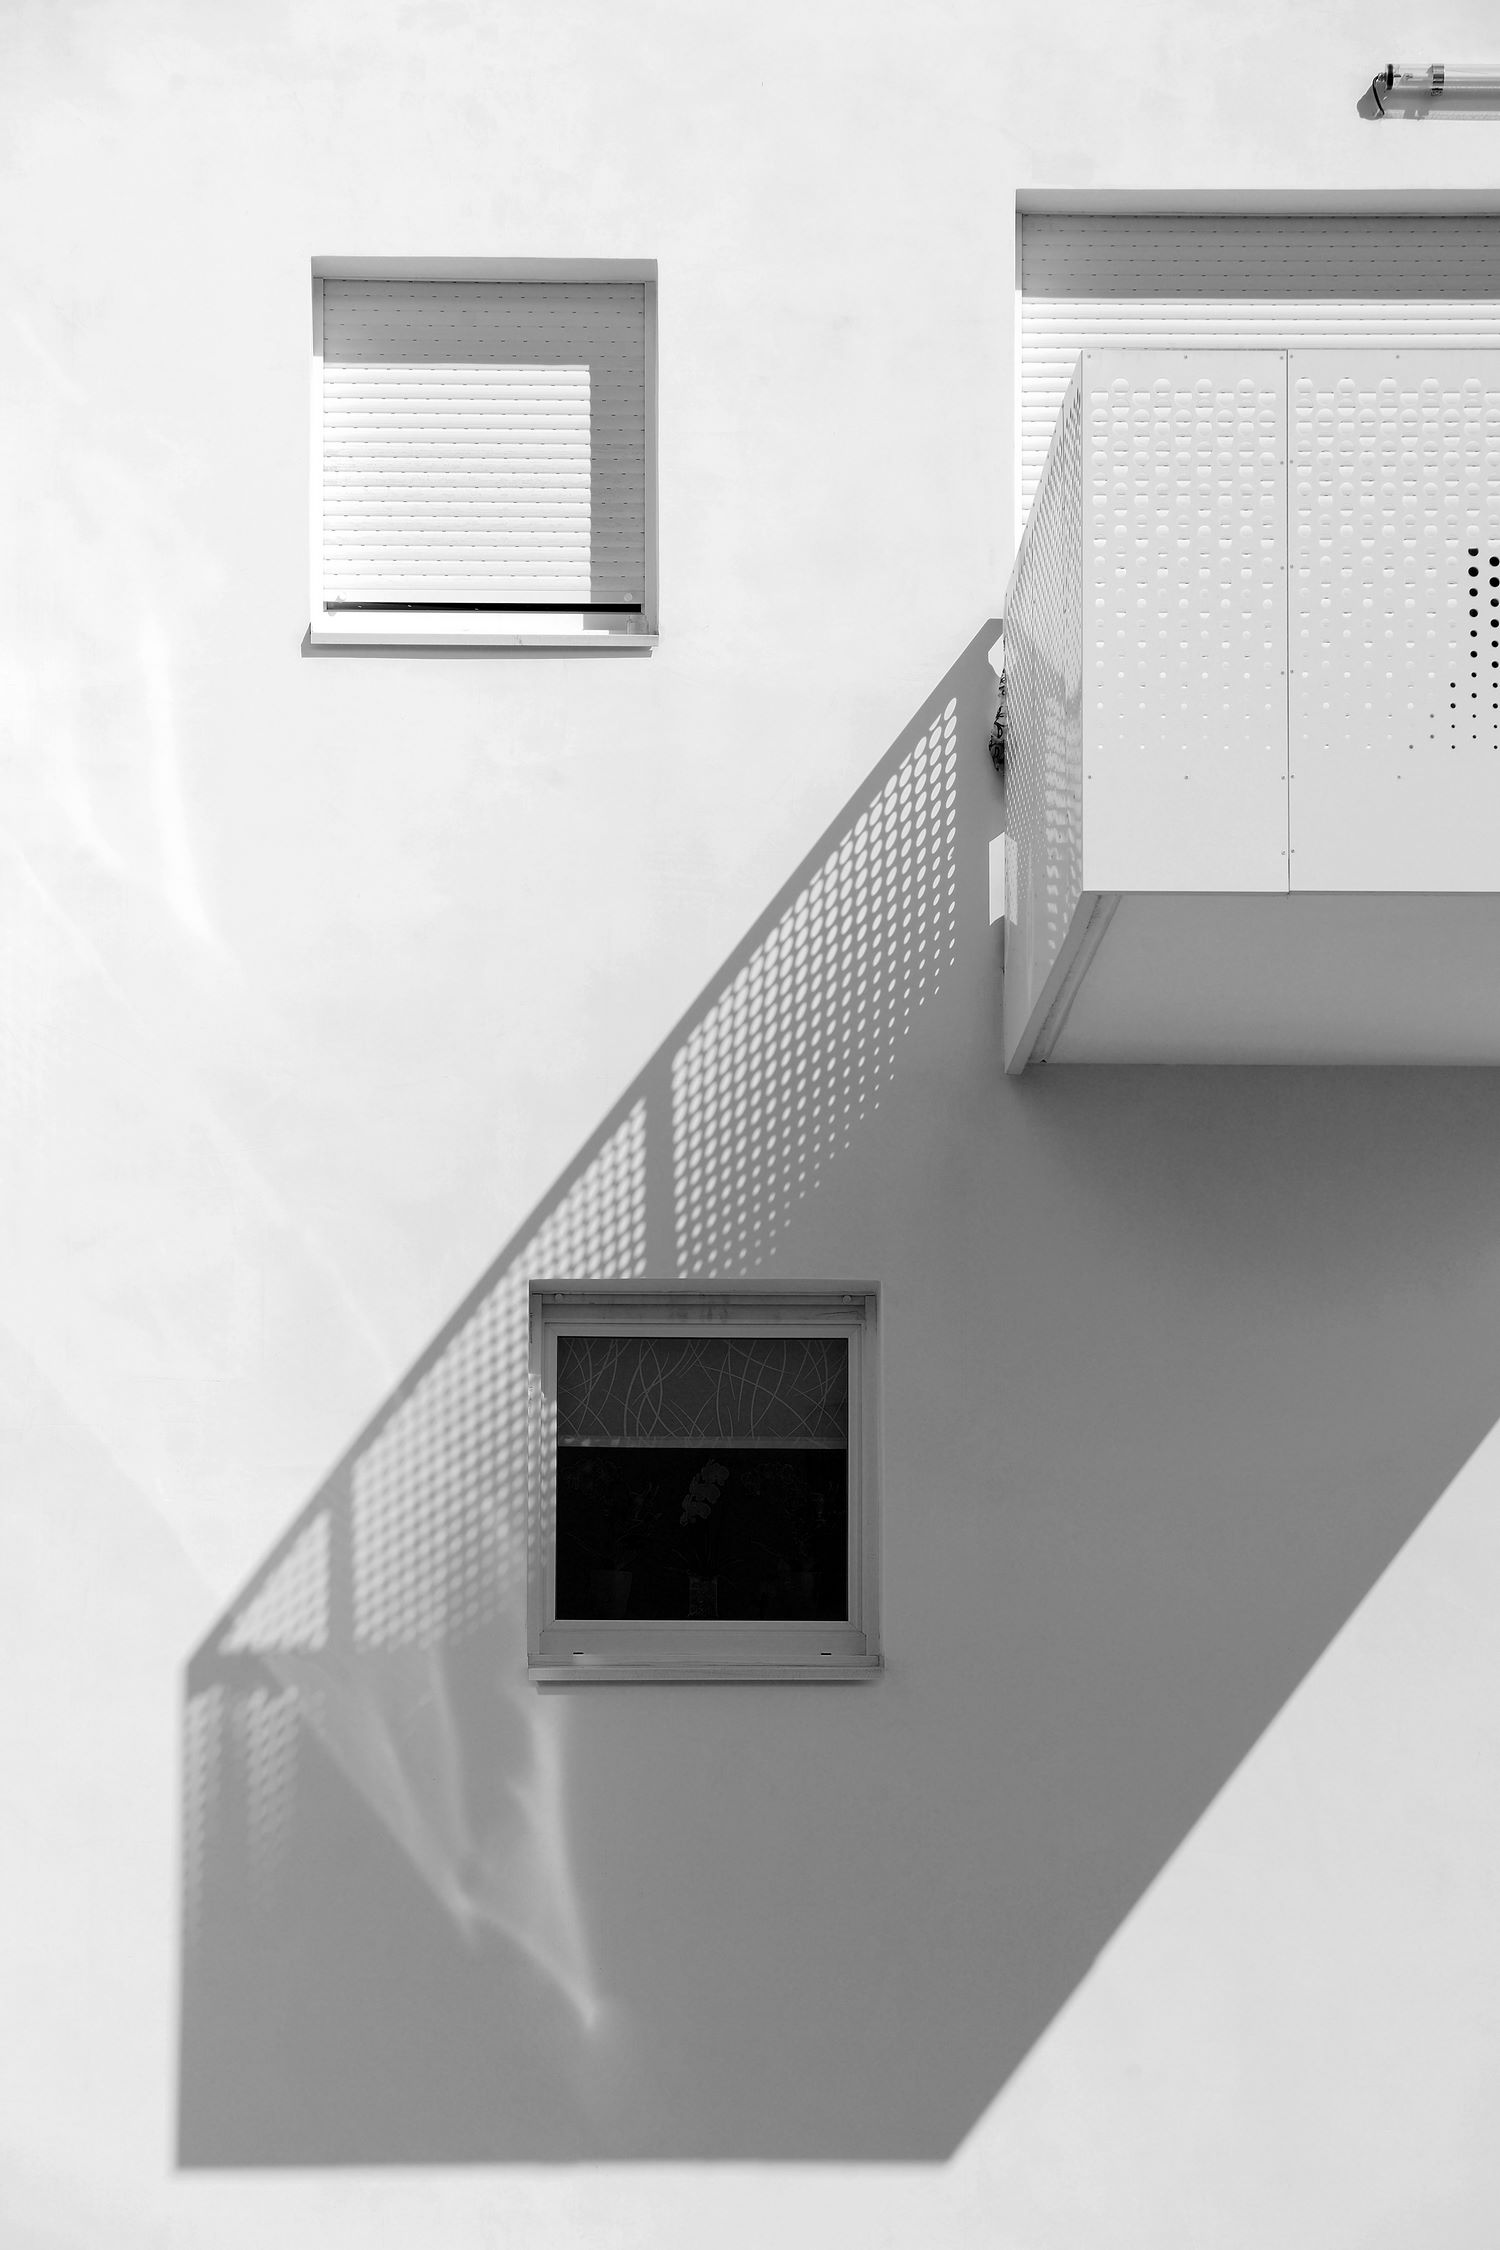 pateyarchitectes - construction de 40 logements locatifs à aix les bains - savoie